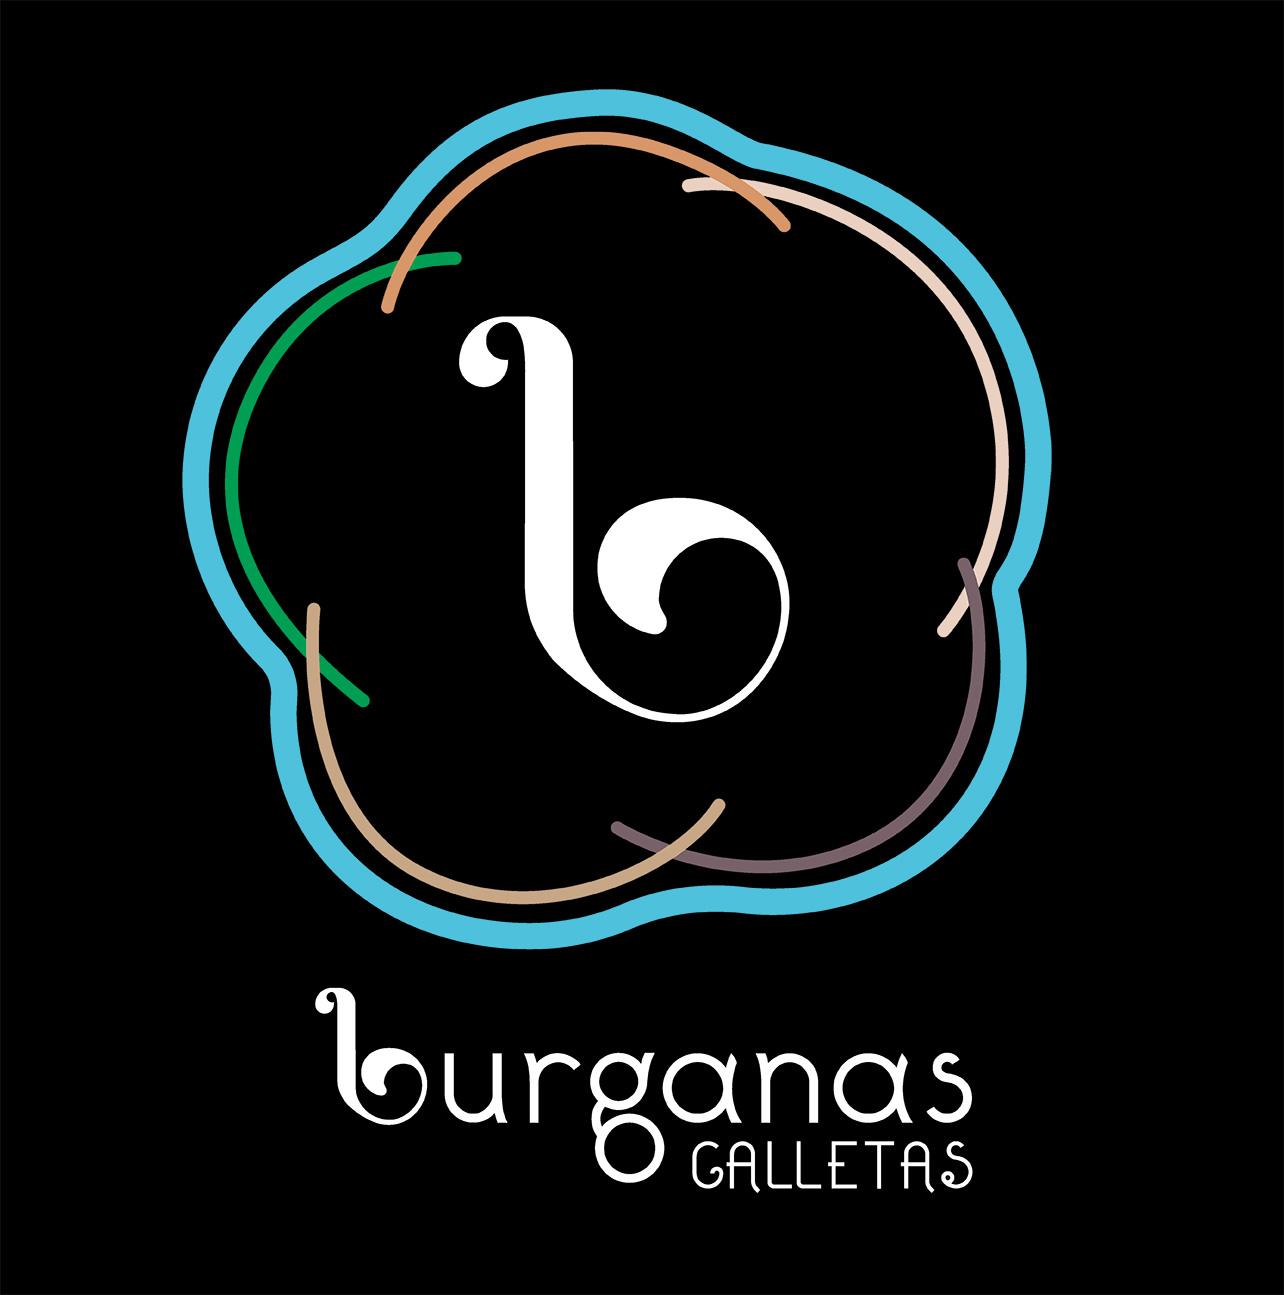 Logotipo de burganas